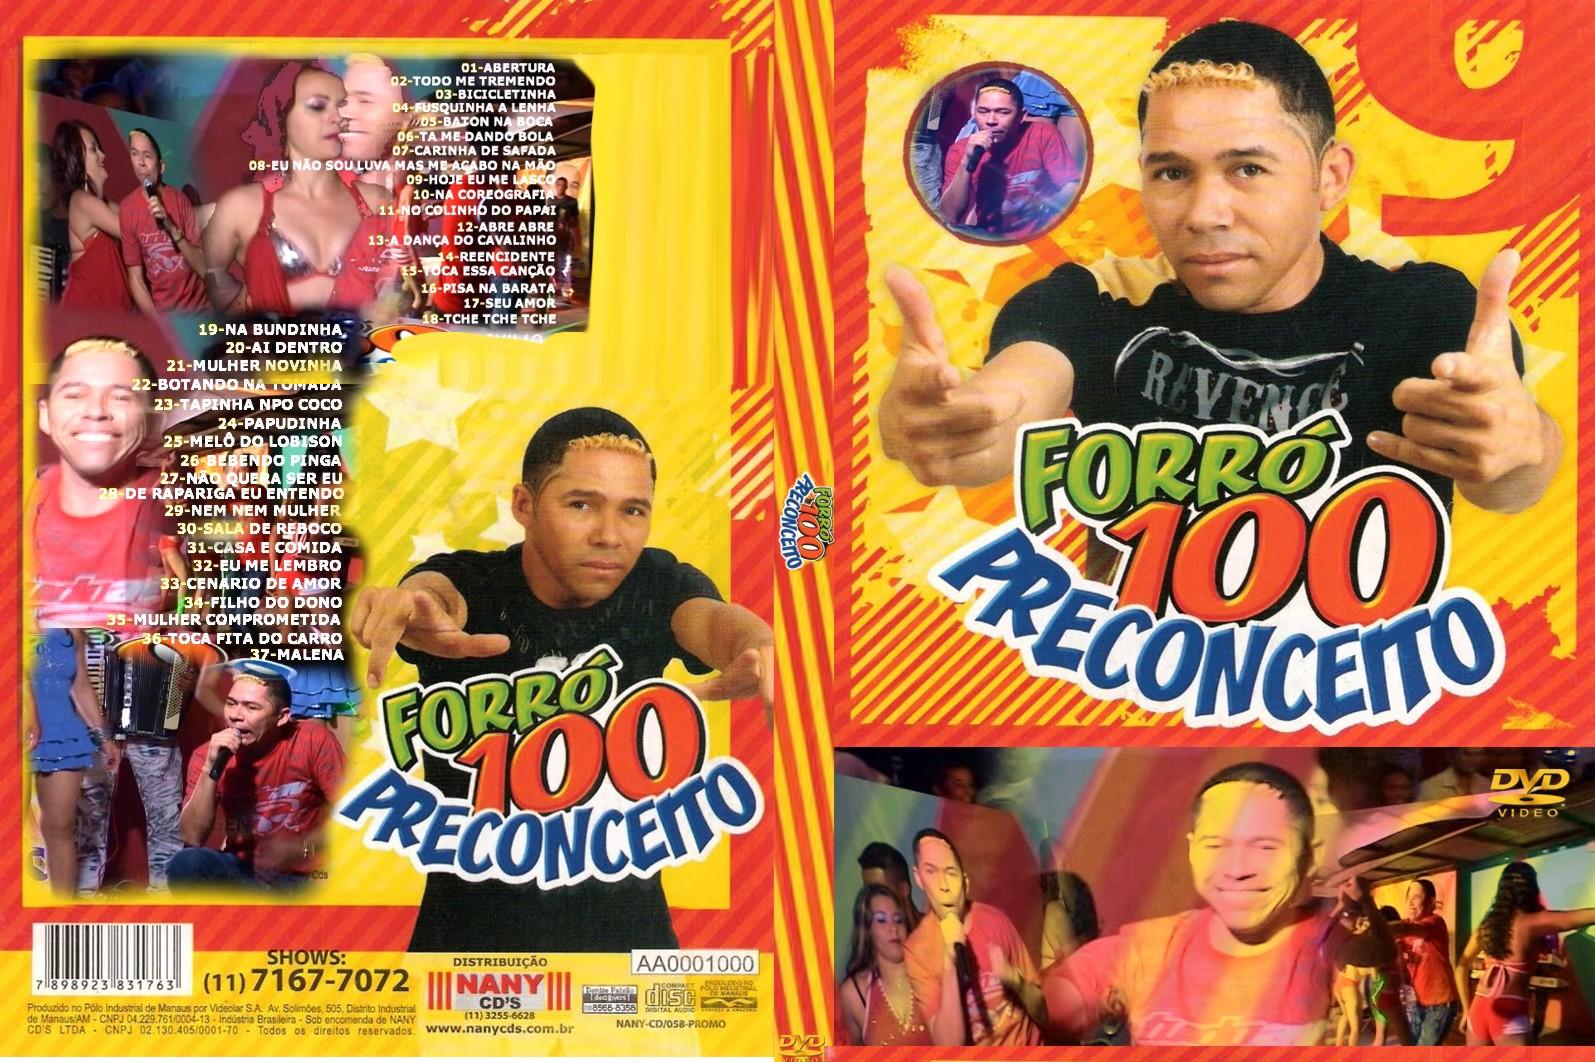 cd forro 100 preconceito 2011